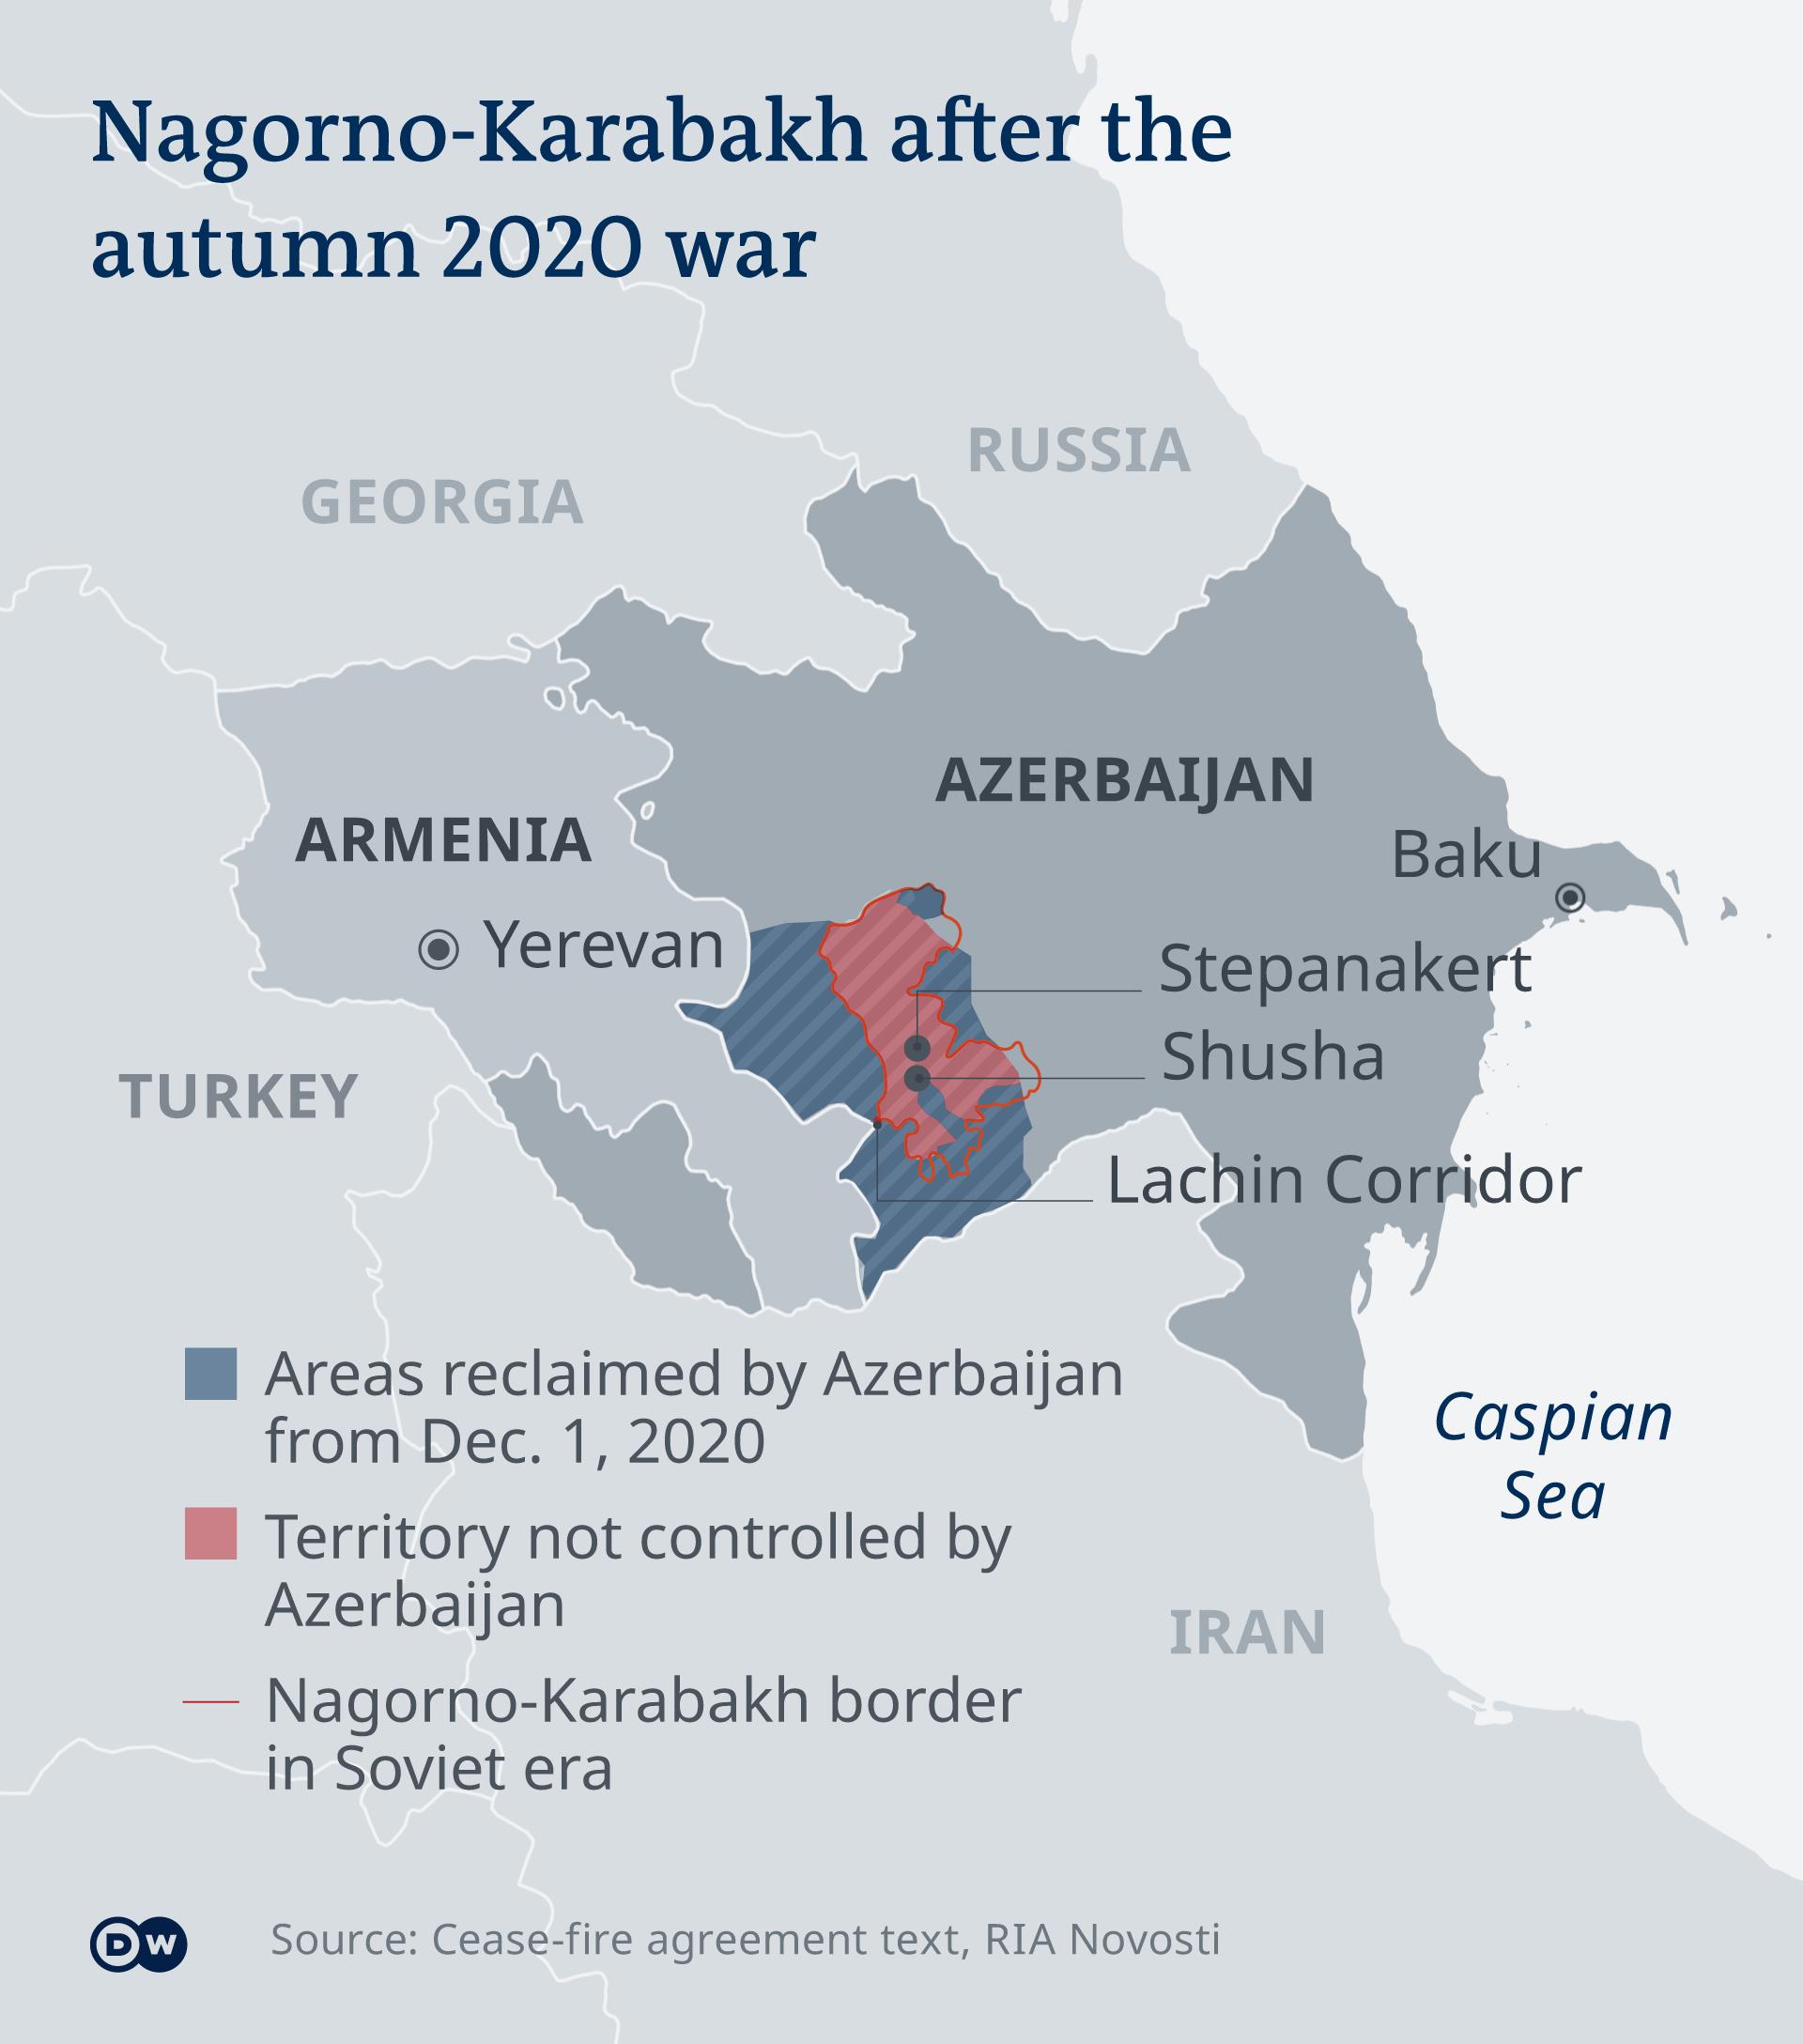 Map of Nagorno-Karabakh after the 2020 war